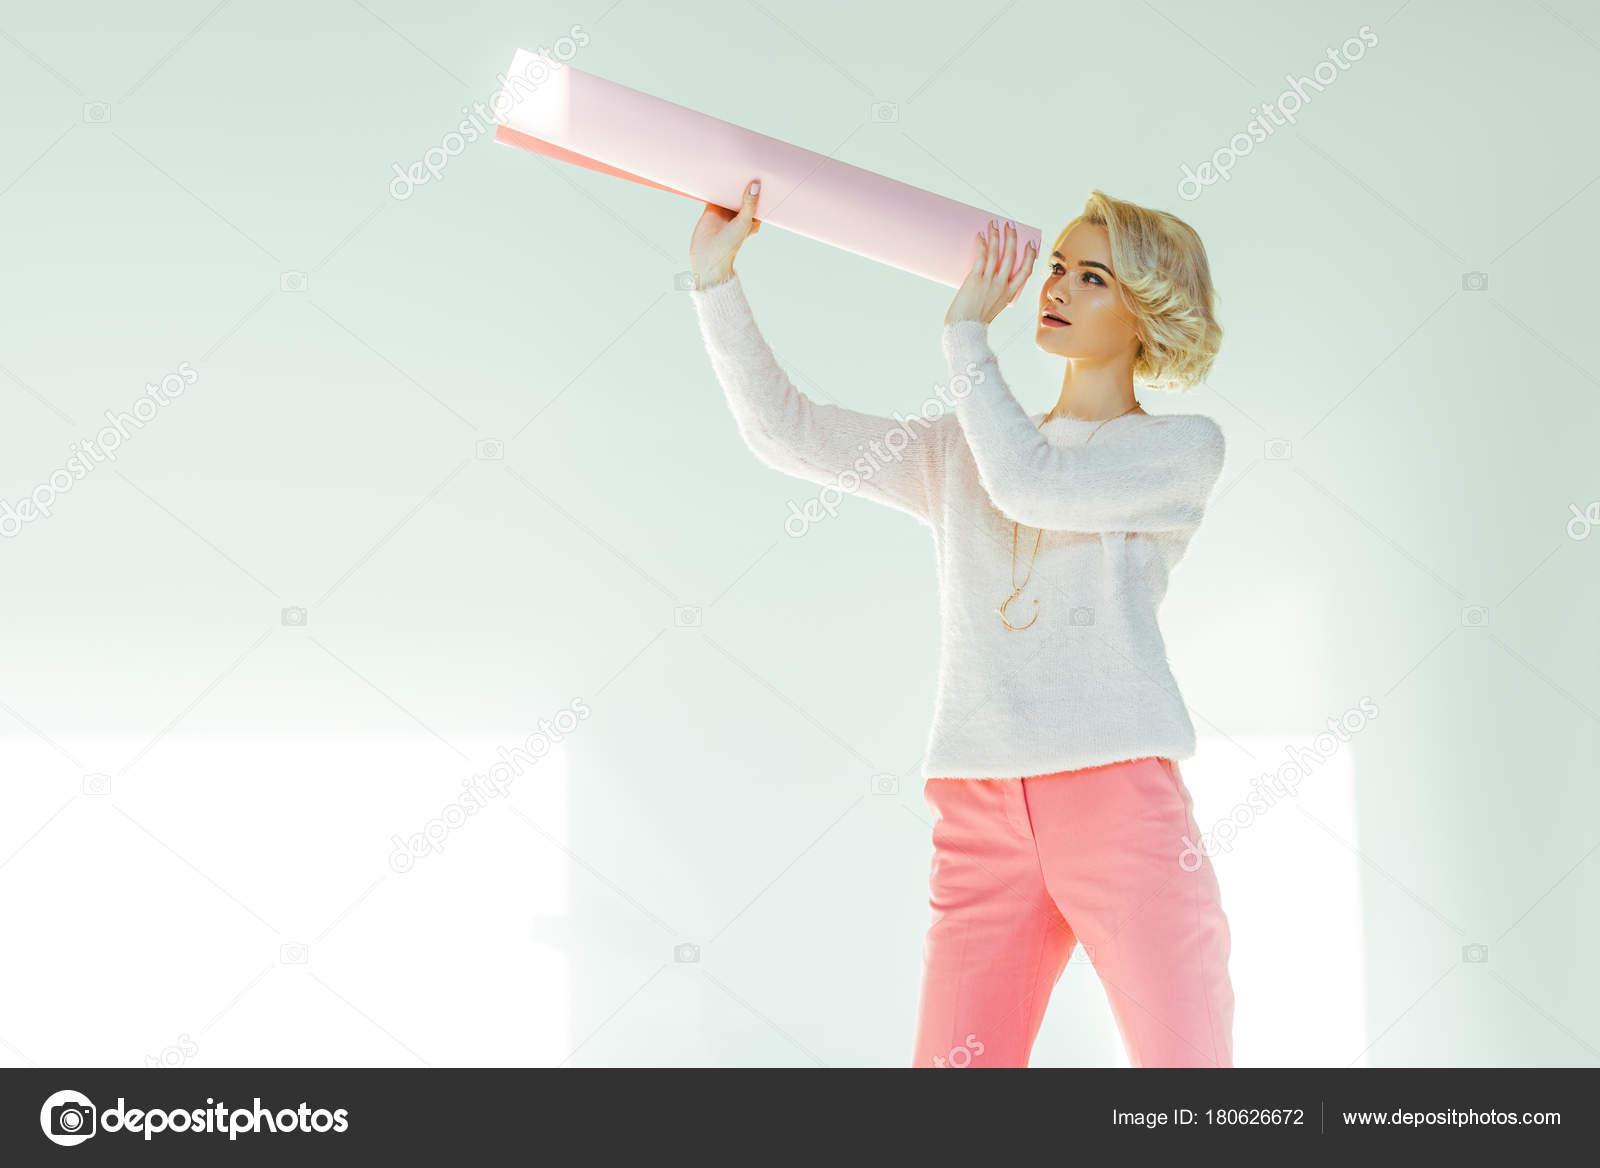 Suche Schöne Bilder schöne schöne frau auf der suche durch gerollte rosa papier